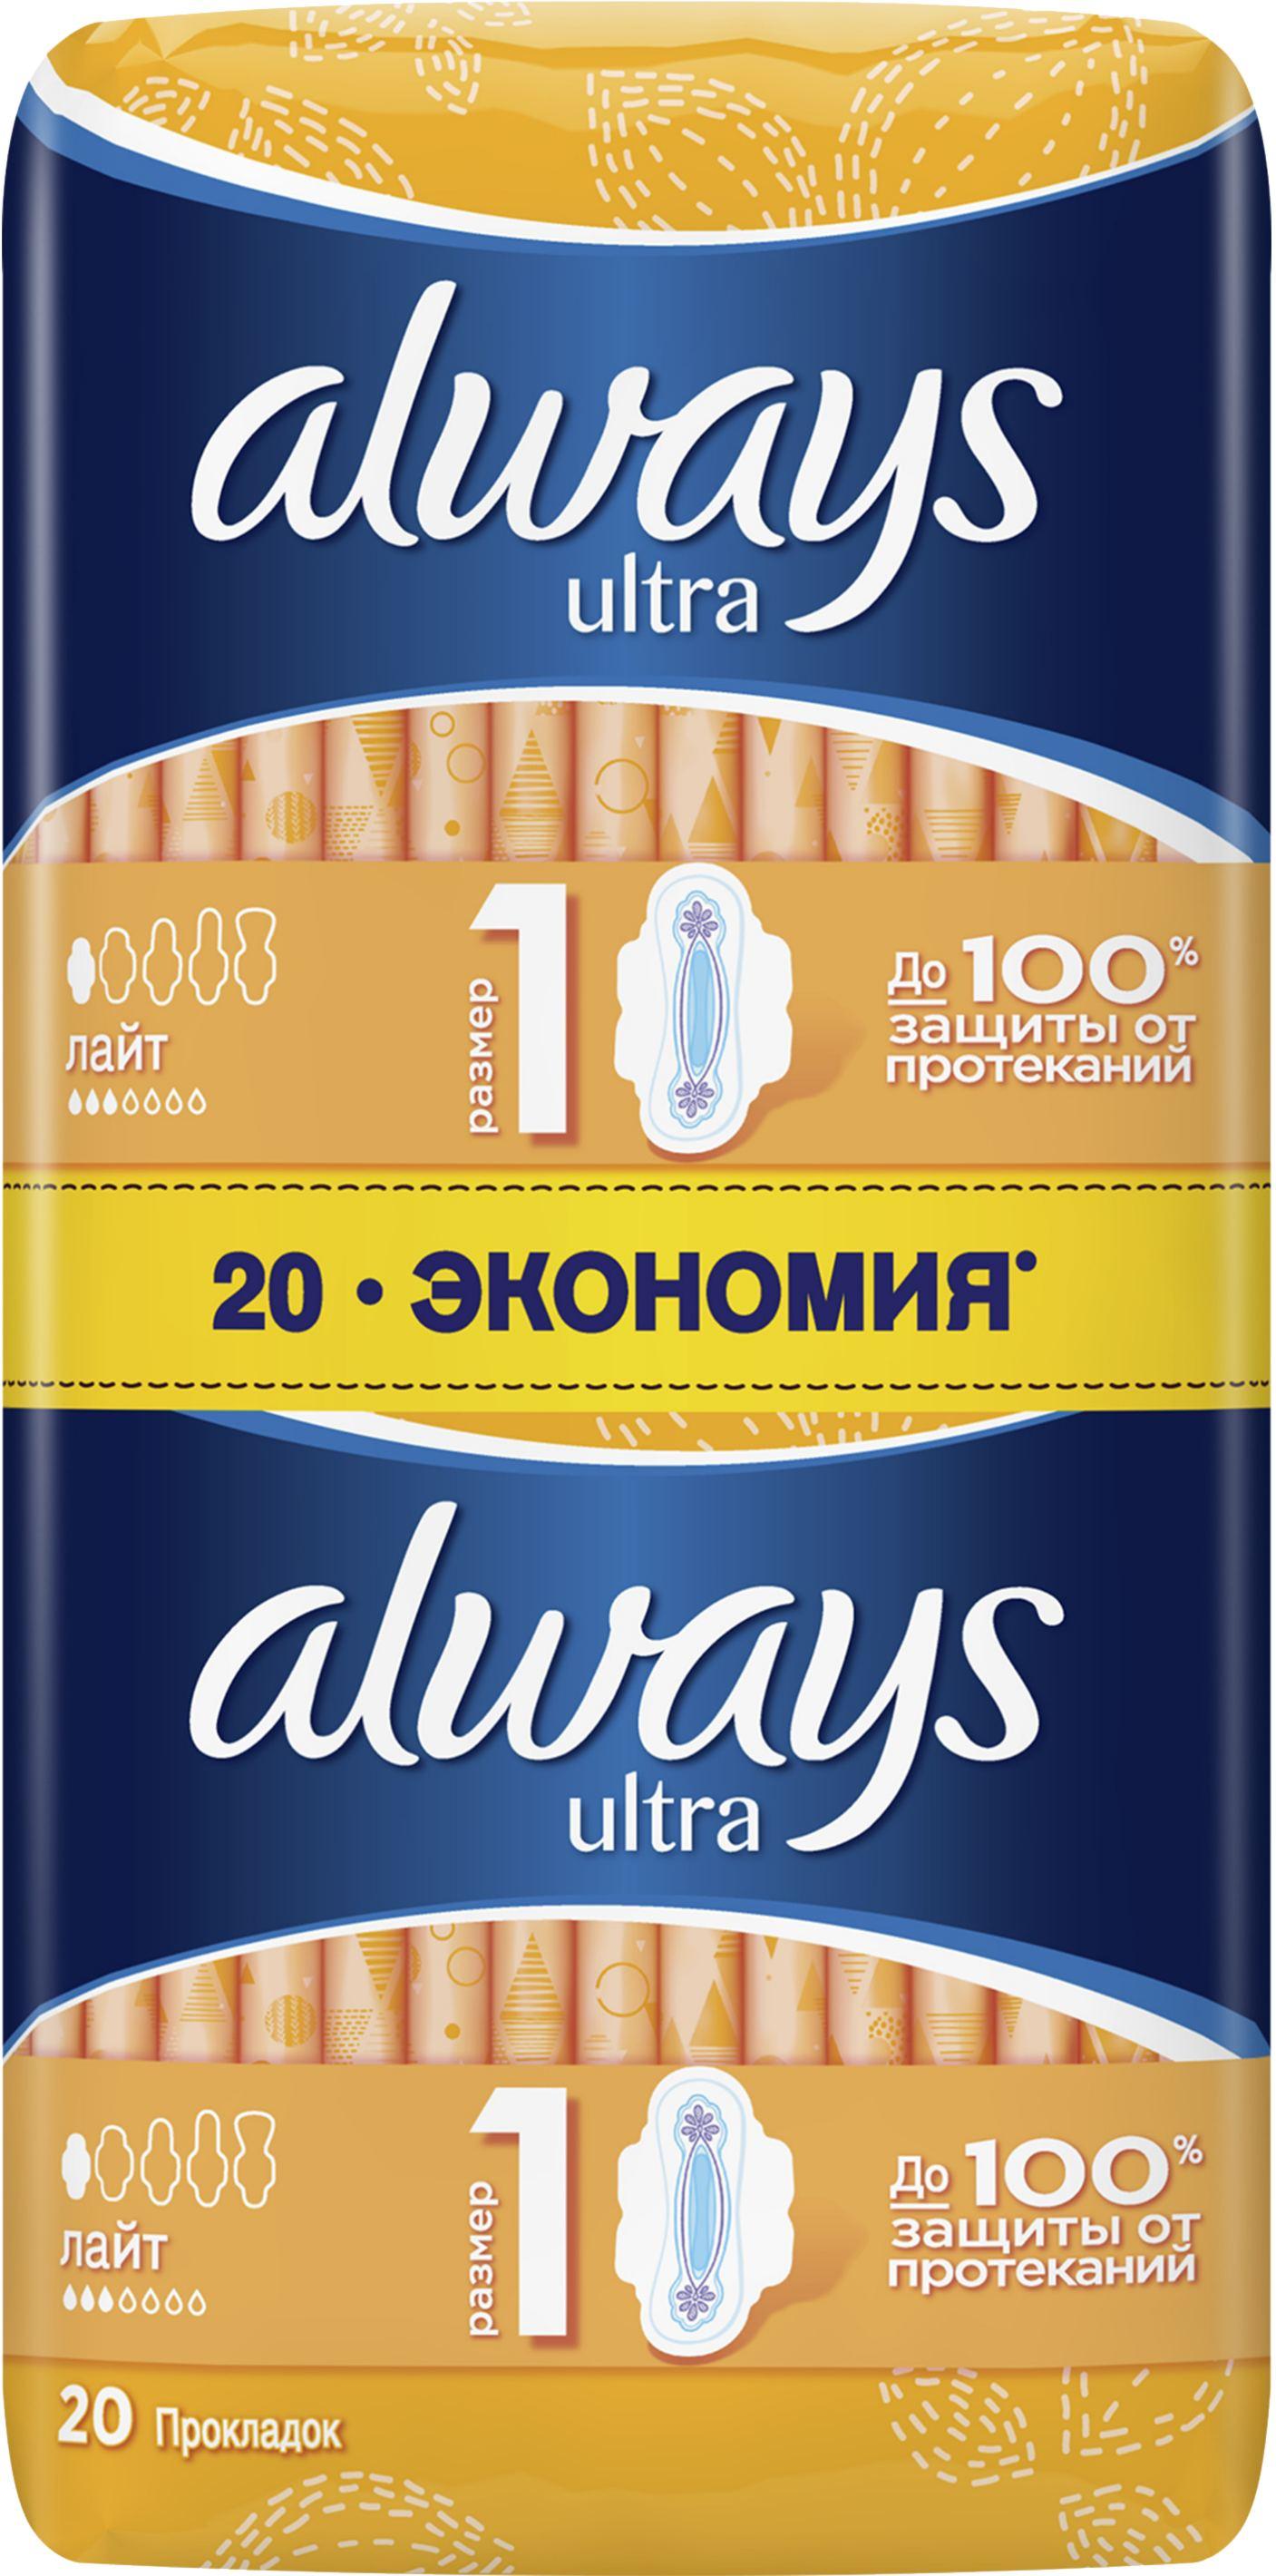 Фото - Олвейс Прокладки гигиенические Ultra Light Duo 20 шт Always гигиенические прокладки 36 шт always ultra light 36 мл